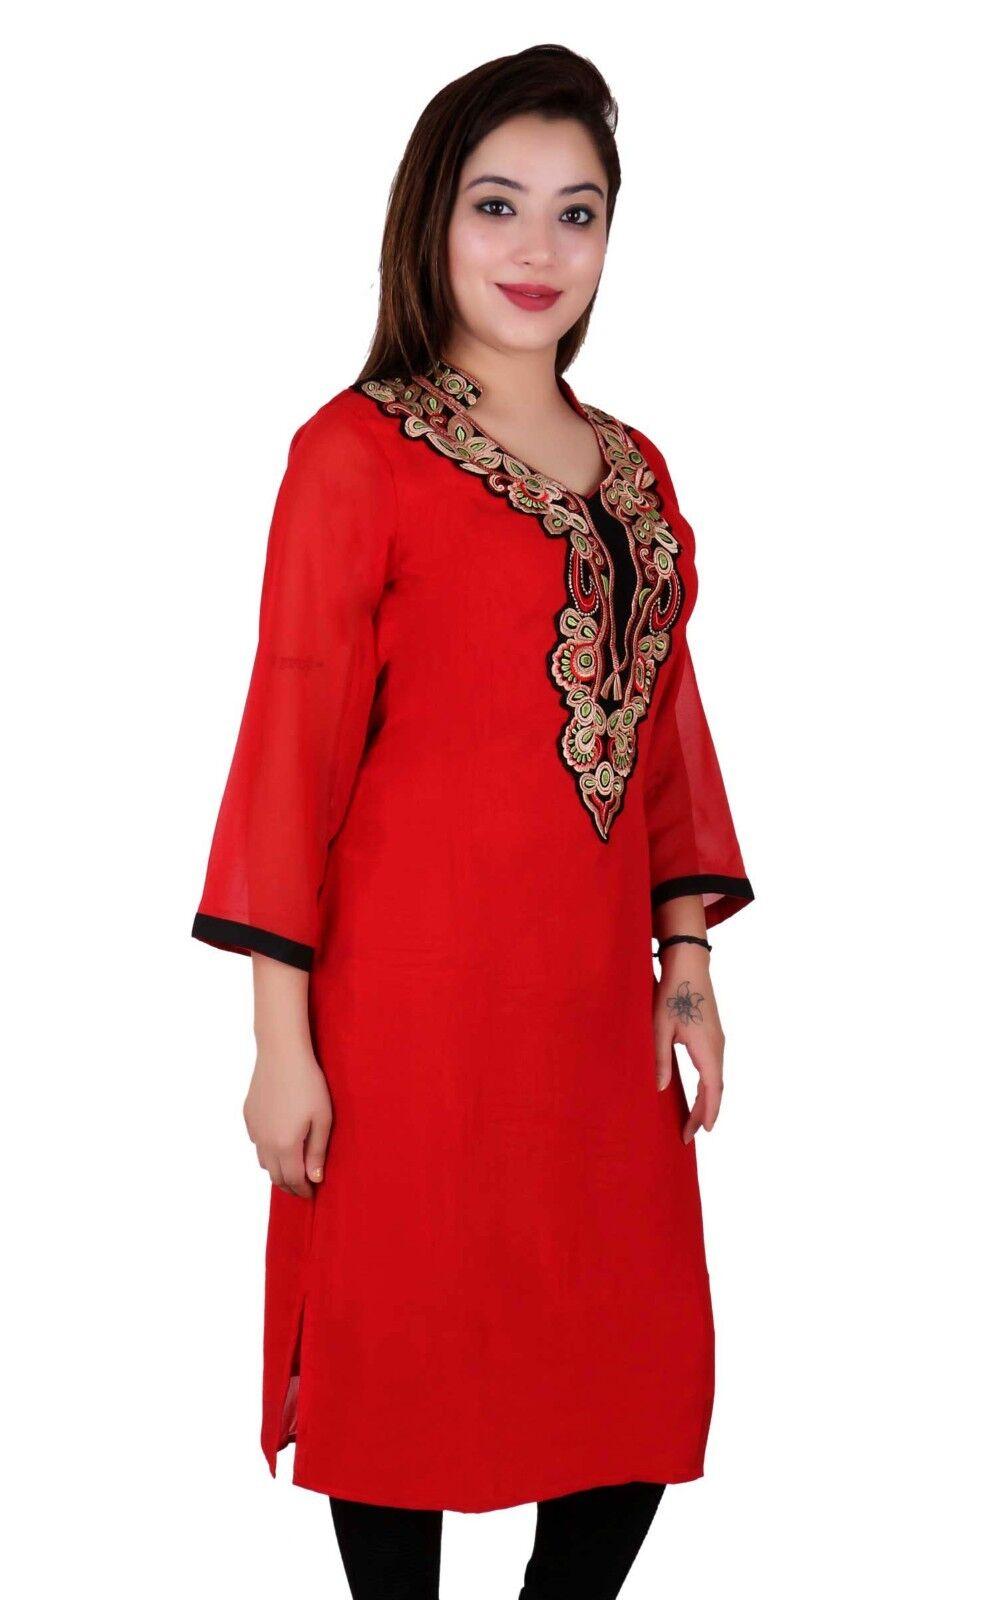 Indian Damen Neuer Stil Kurti Bollywood Mode Party Oberteile Tunika Kaftan 7013 | Haltbarer Service  | Modern  | Bekannt für seine gute Qualität